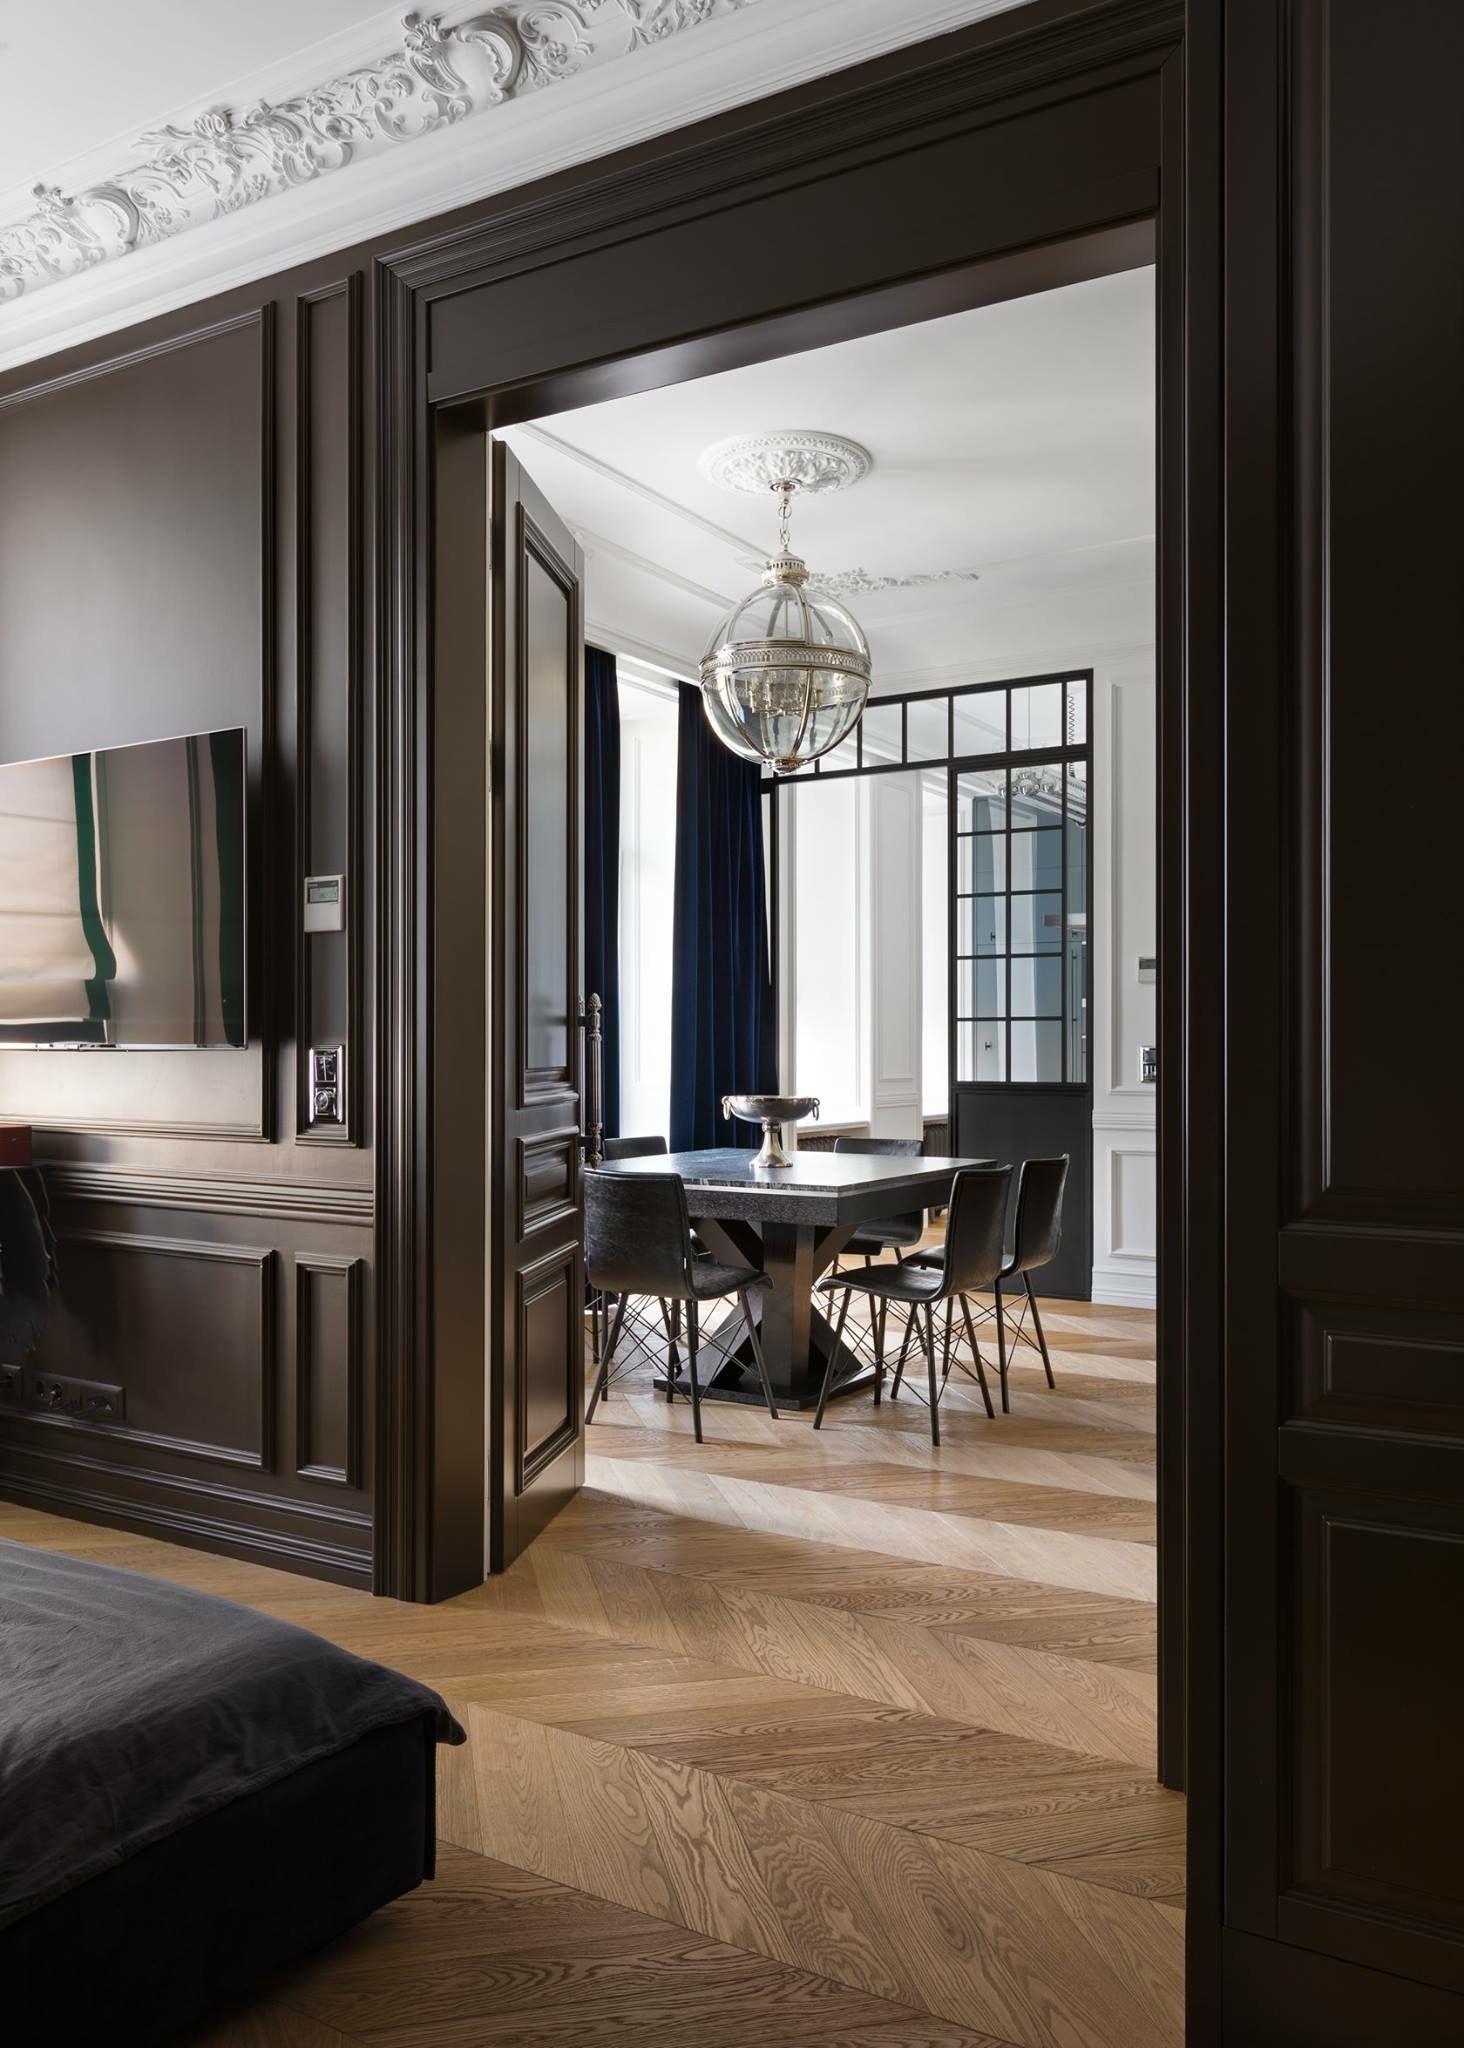 Wohnzimmer spiegelmöbel pin von irina pauls auf stileinrichtung  pinterest  einrichtung